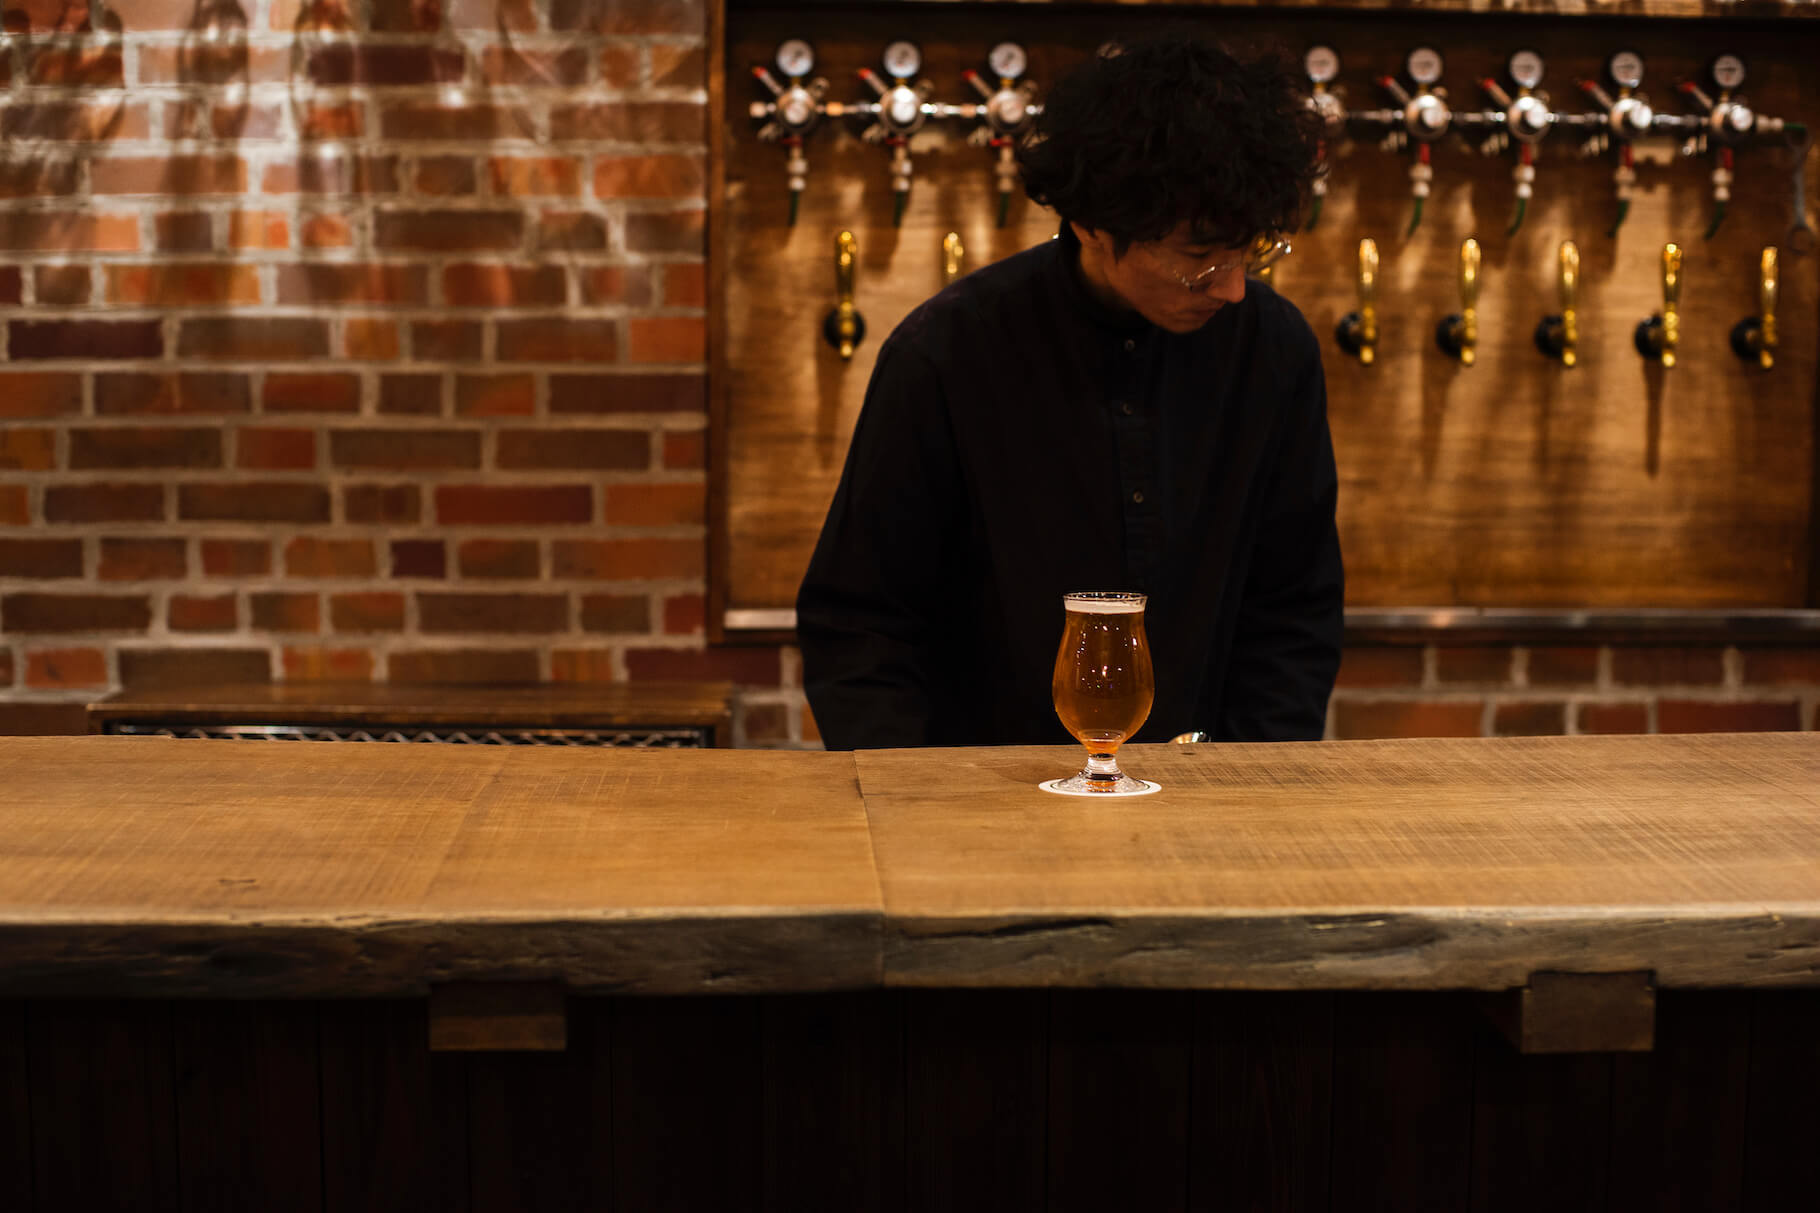 写真:道産ミズナラ3.5メートル2枚つなぎのカウンターで至福の一杯